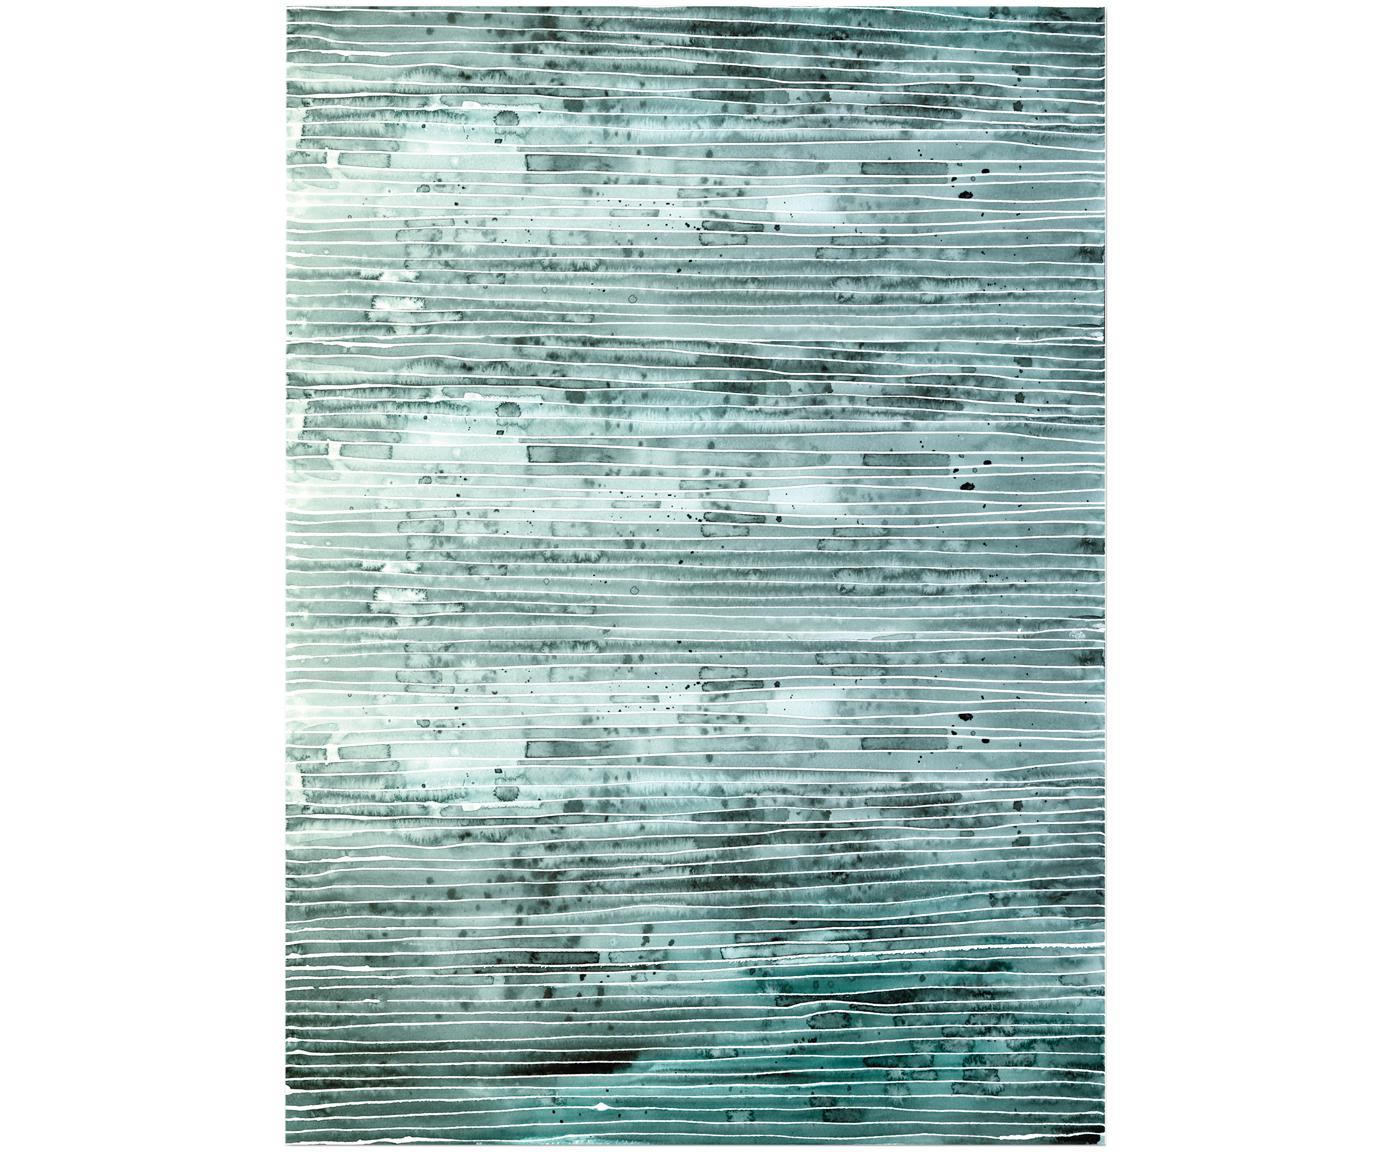 Geschenkpapier-Rollen Green Lines, 3 Stück, Papier, Grün, Weiß, 50 x 70 cm